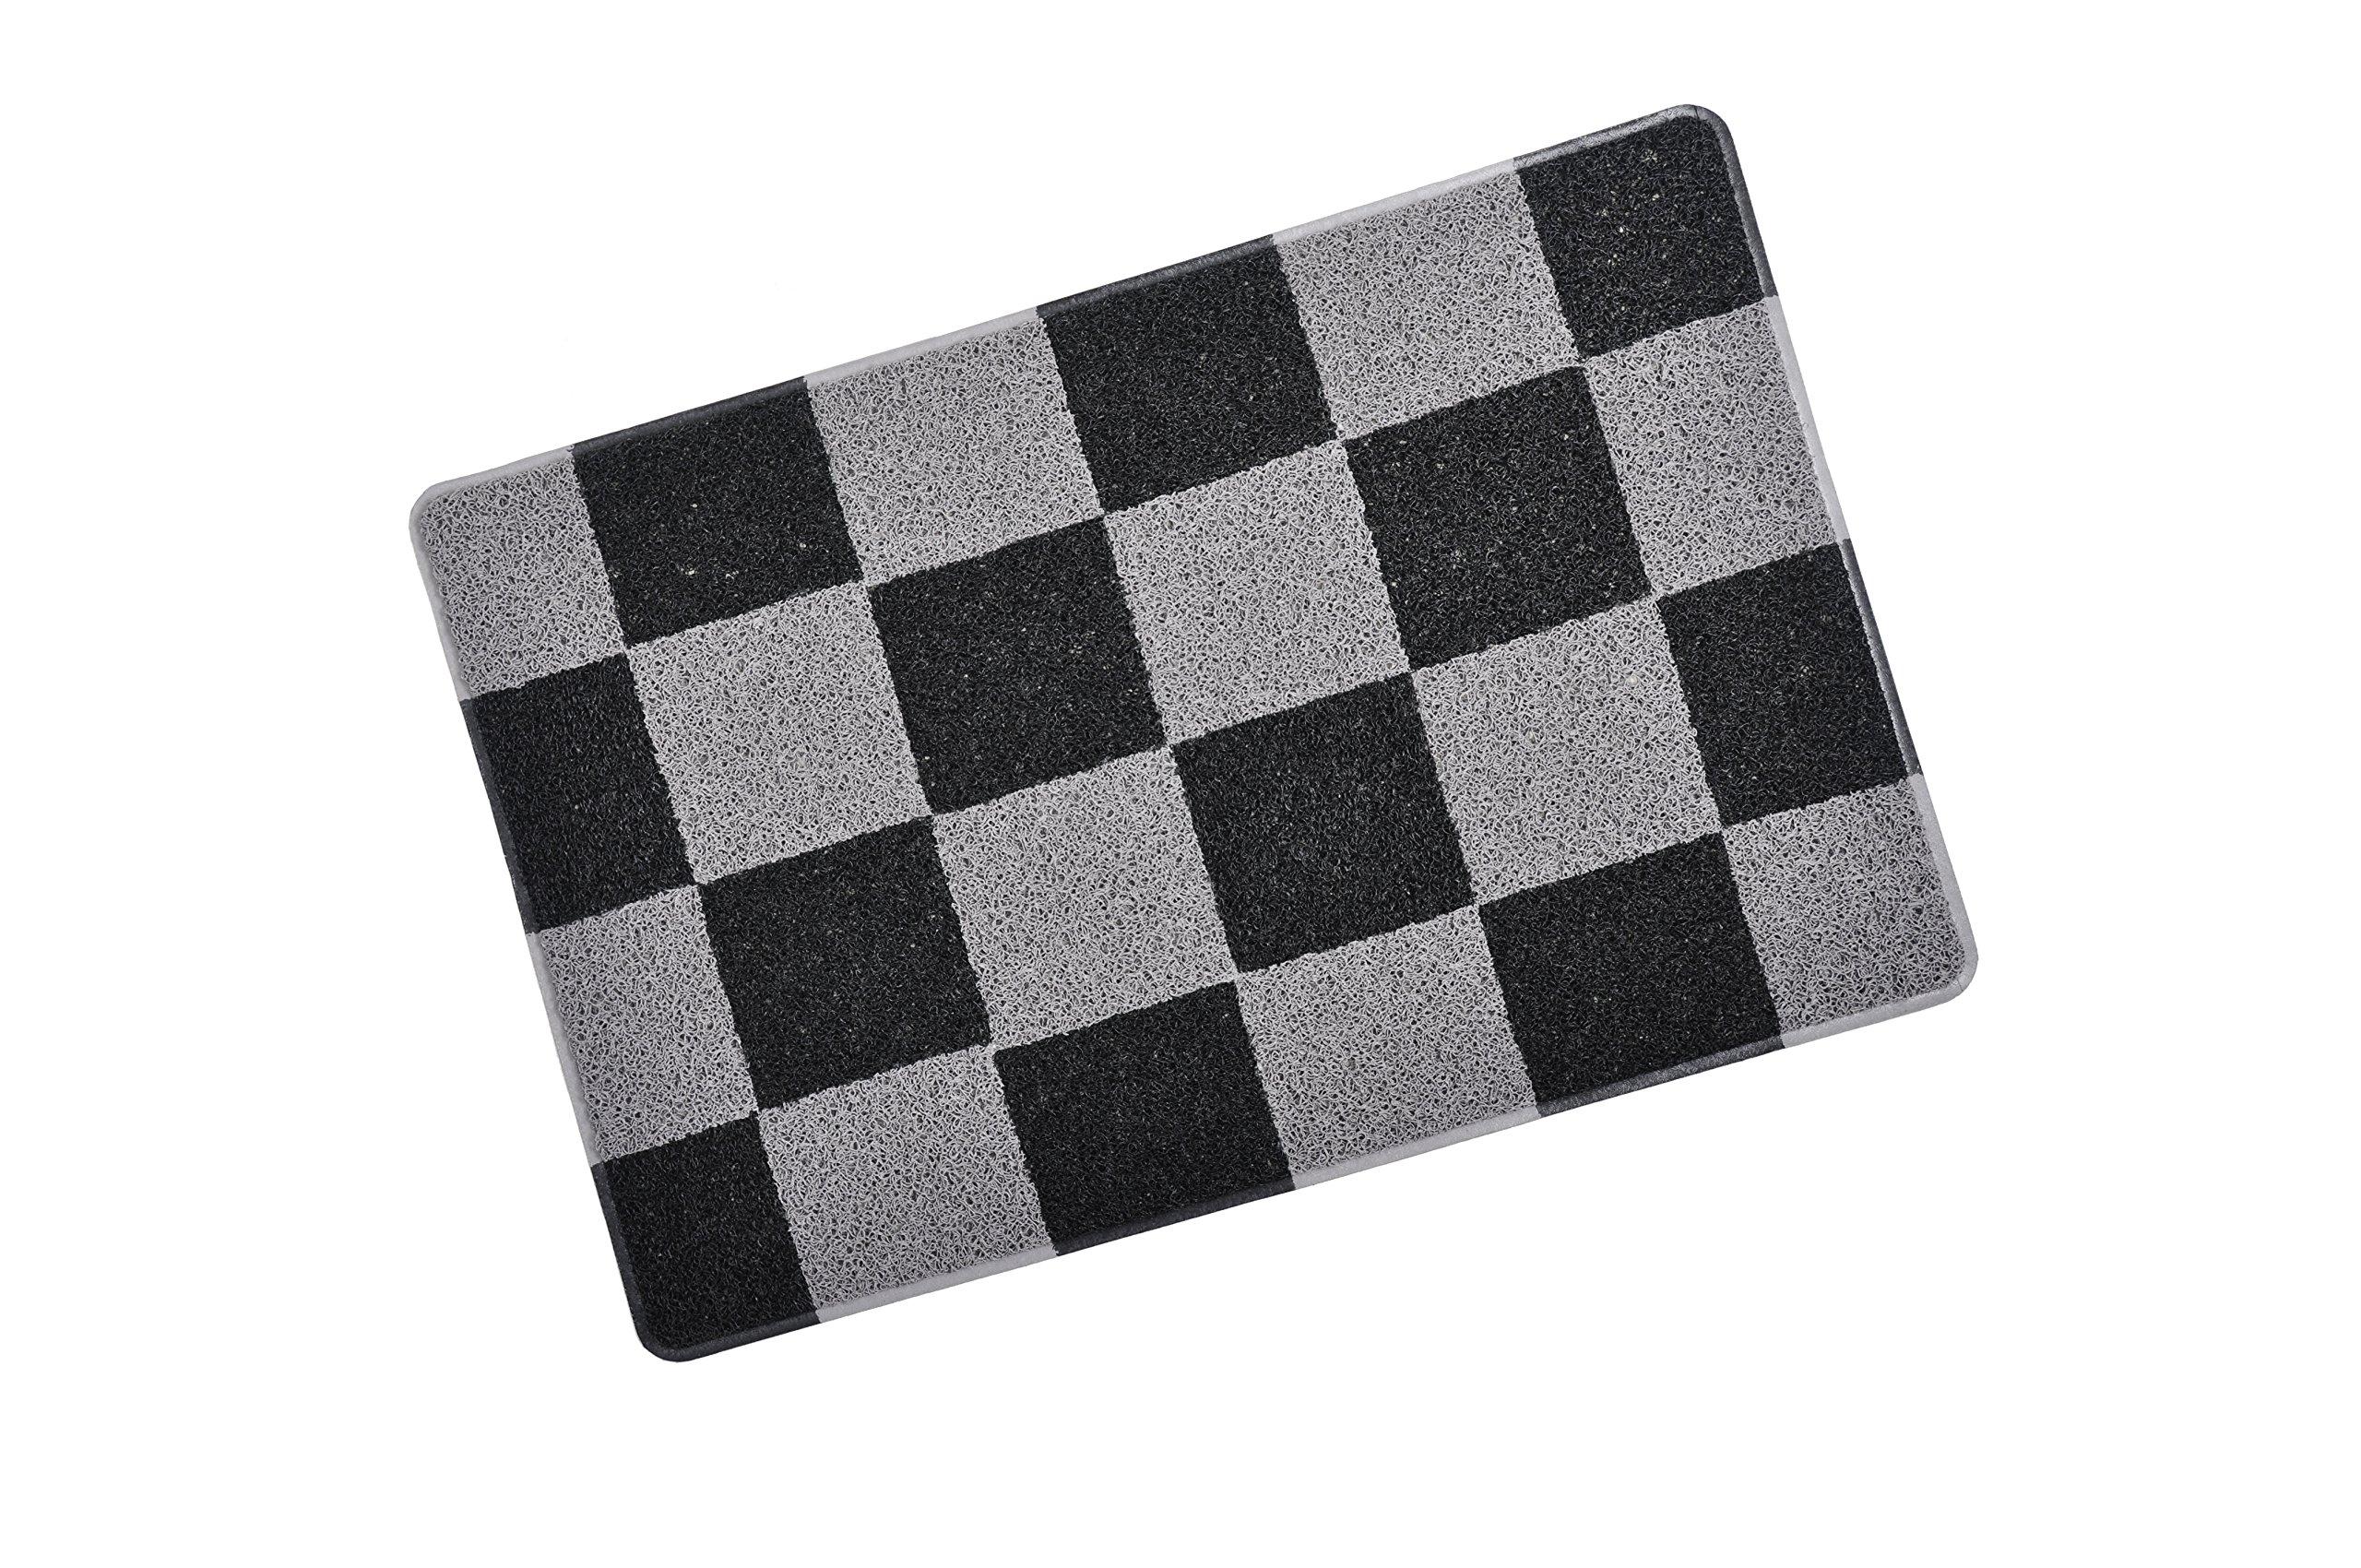 Smartcatcher Checkered Cat Litter Mat Black and Silver